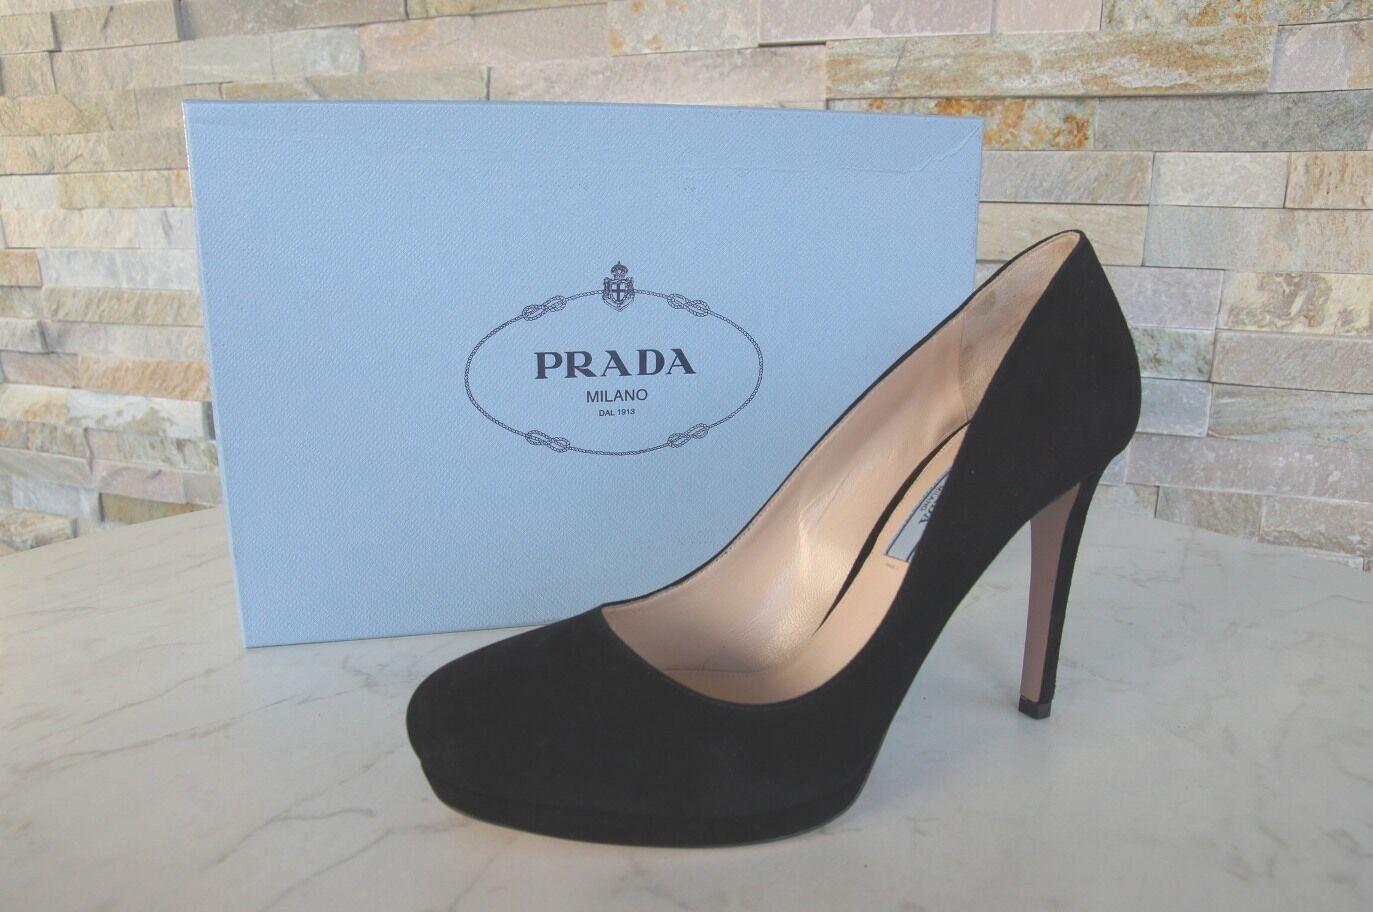 Prada Gr 40 Plateau Pumps High Heels 1IP286 Schuhe schwarz Neu